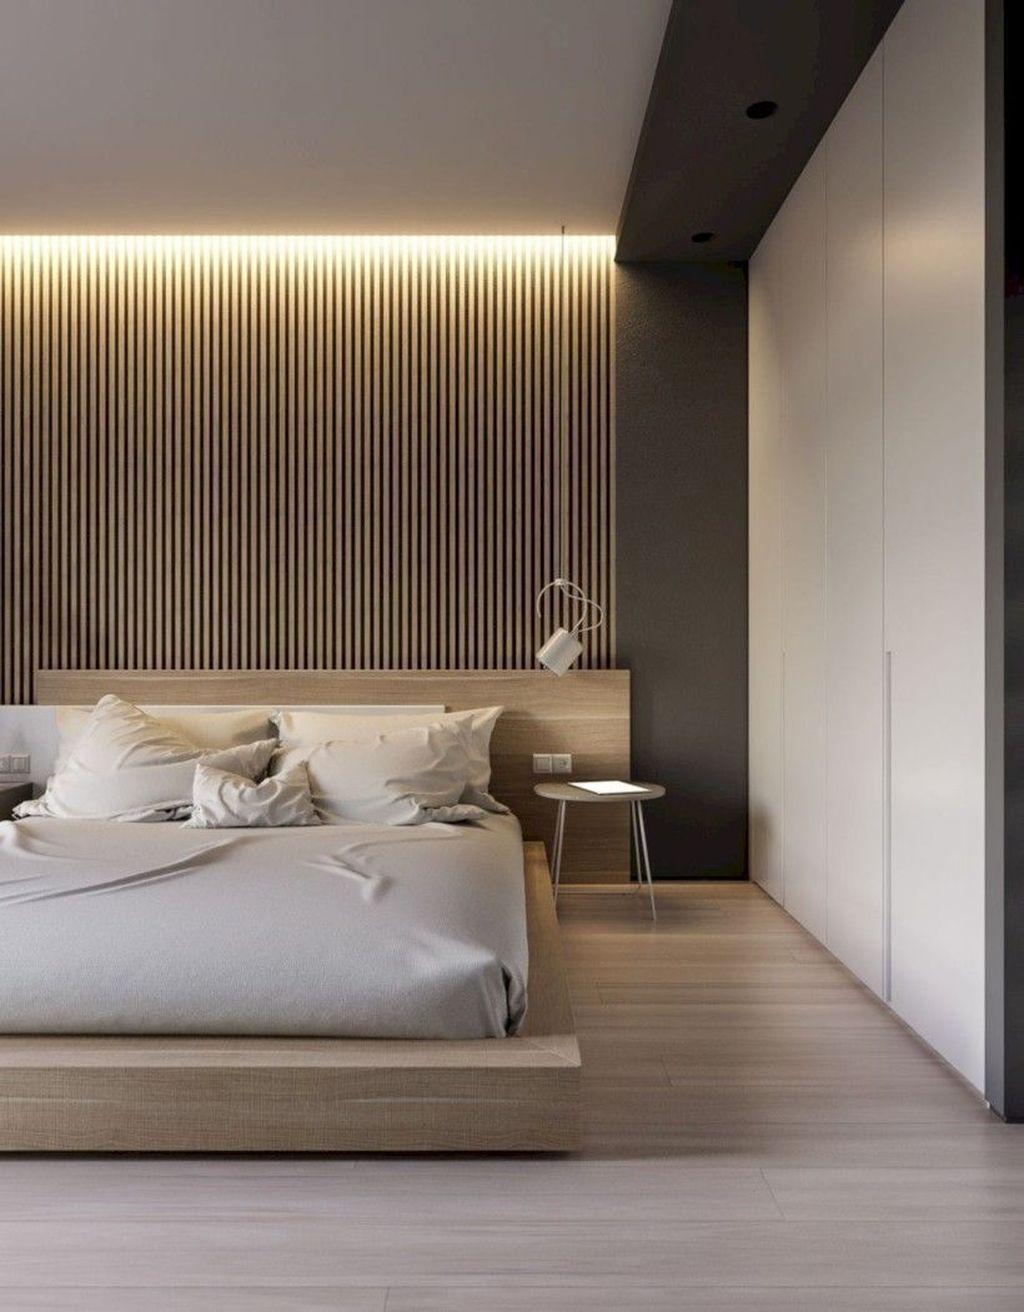 {title} (mit Bildern) Schlafzimmer design, Wohnen